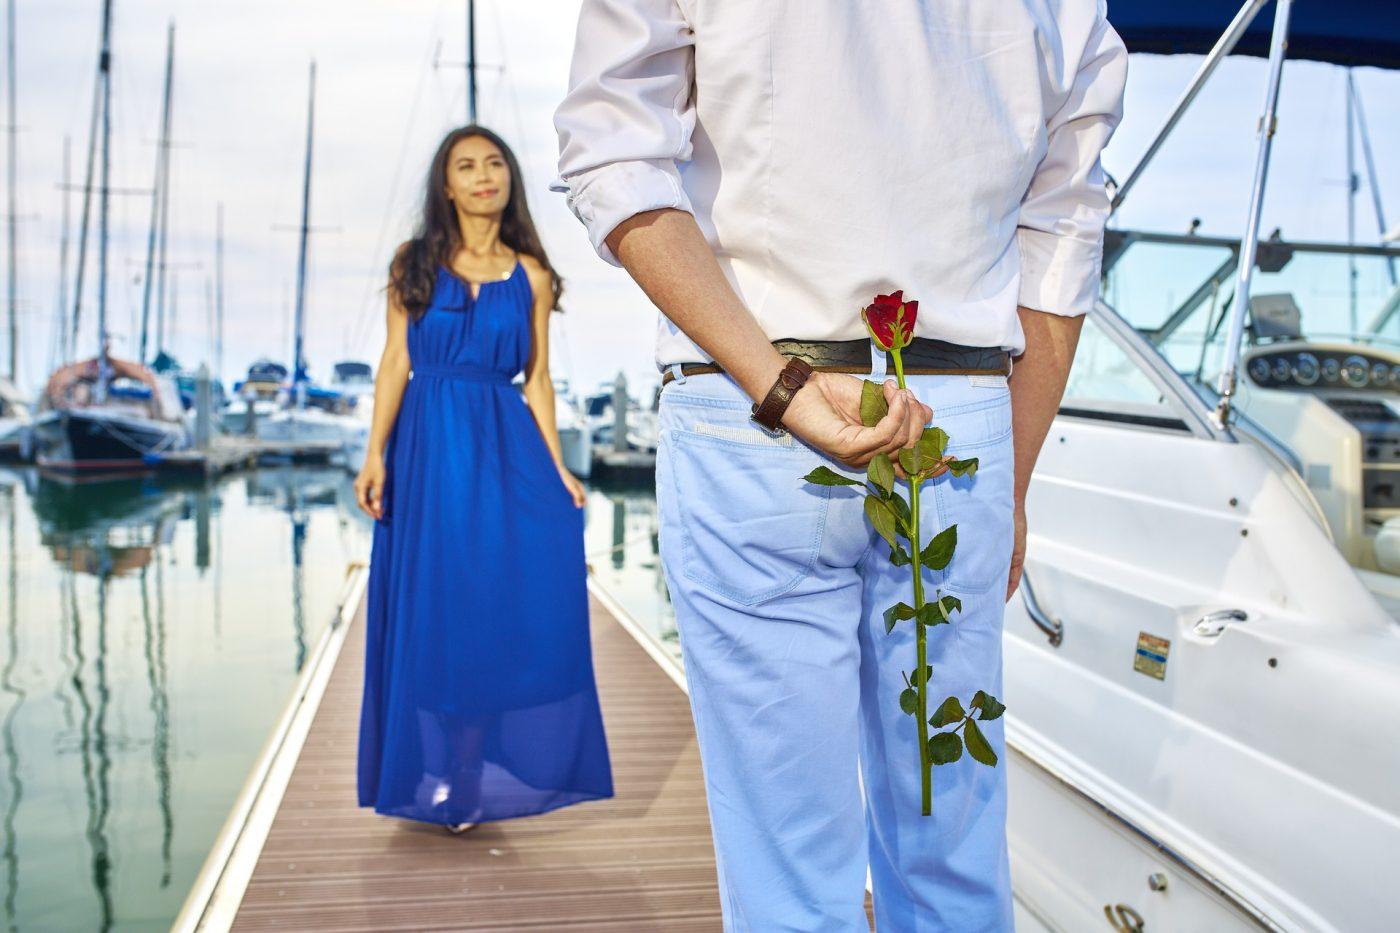 Comment reconnaître un homme amoureux qui cache ses sentiments ?